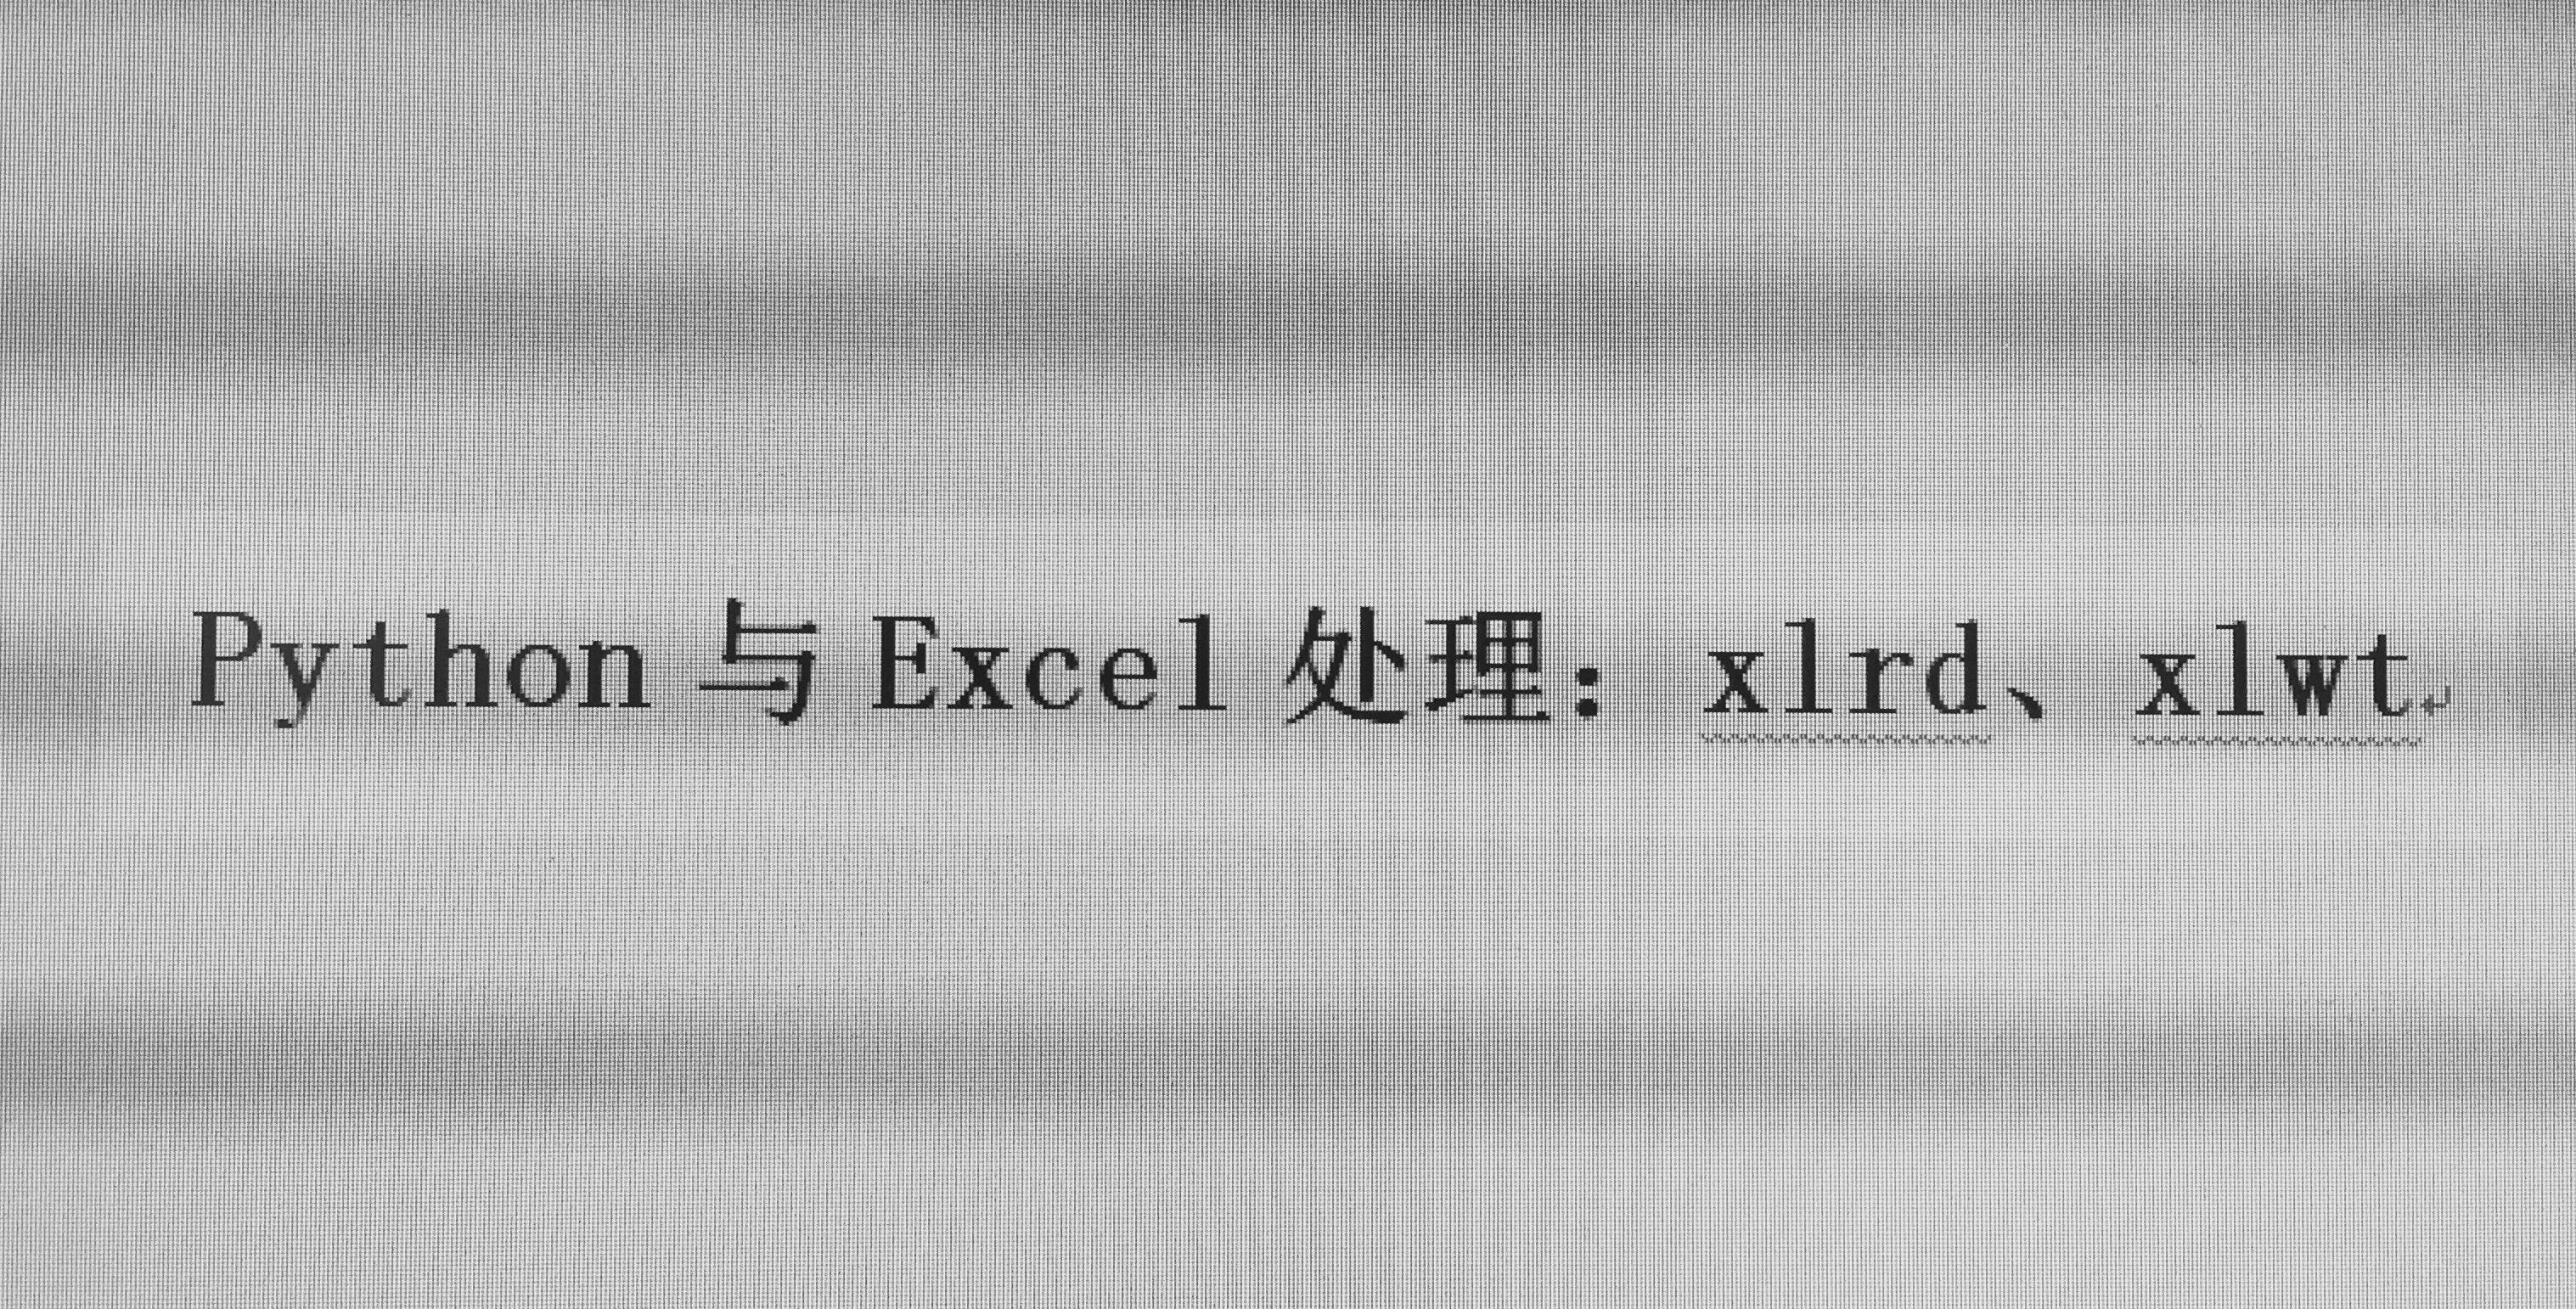 Python Excel Xlrd Xlwt